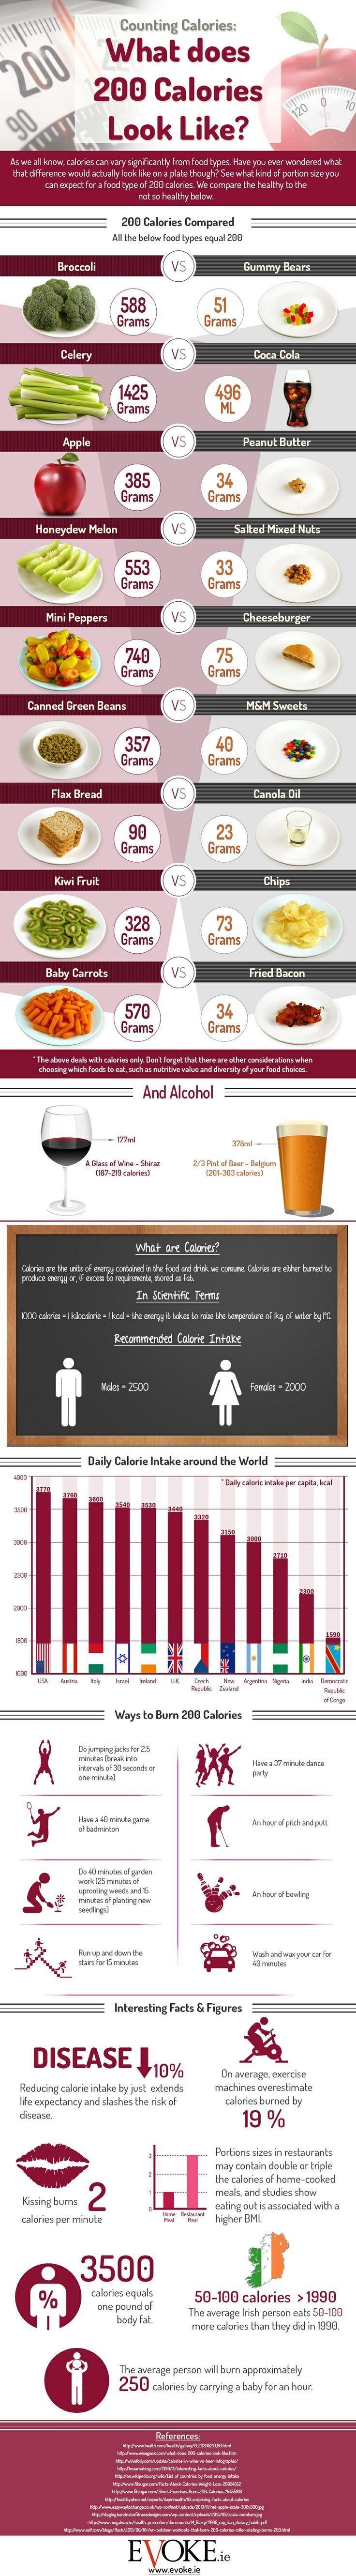 Você sabe o que são 200 calorias? Confira este comparativo interessante!